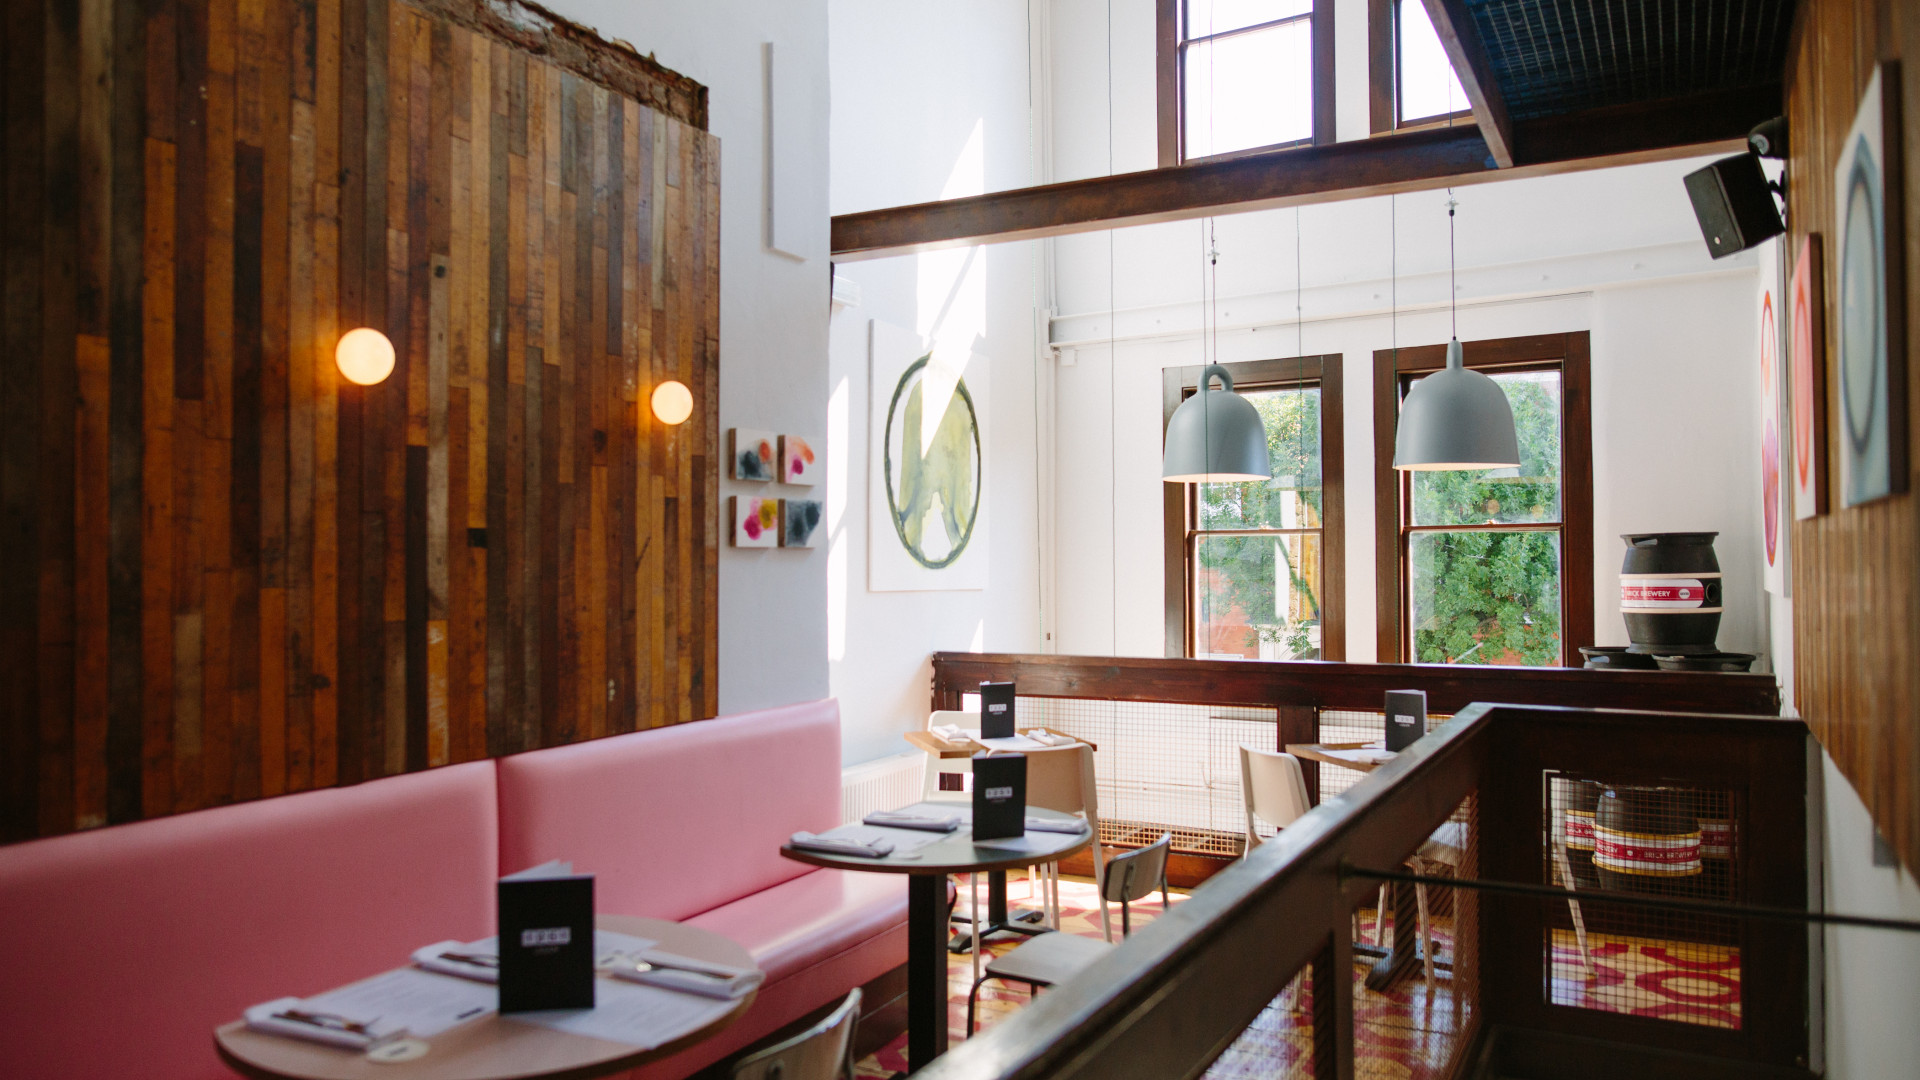 Restaurant 12:51 on Upper Street